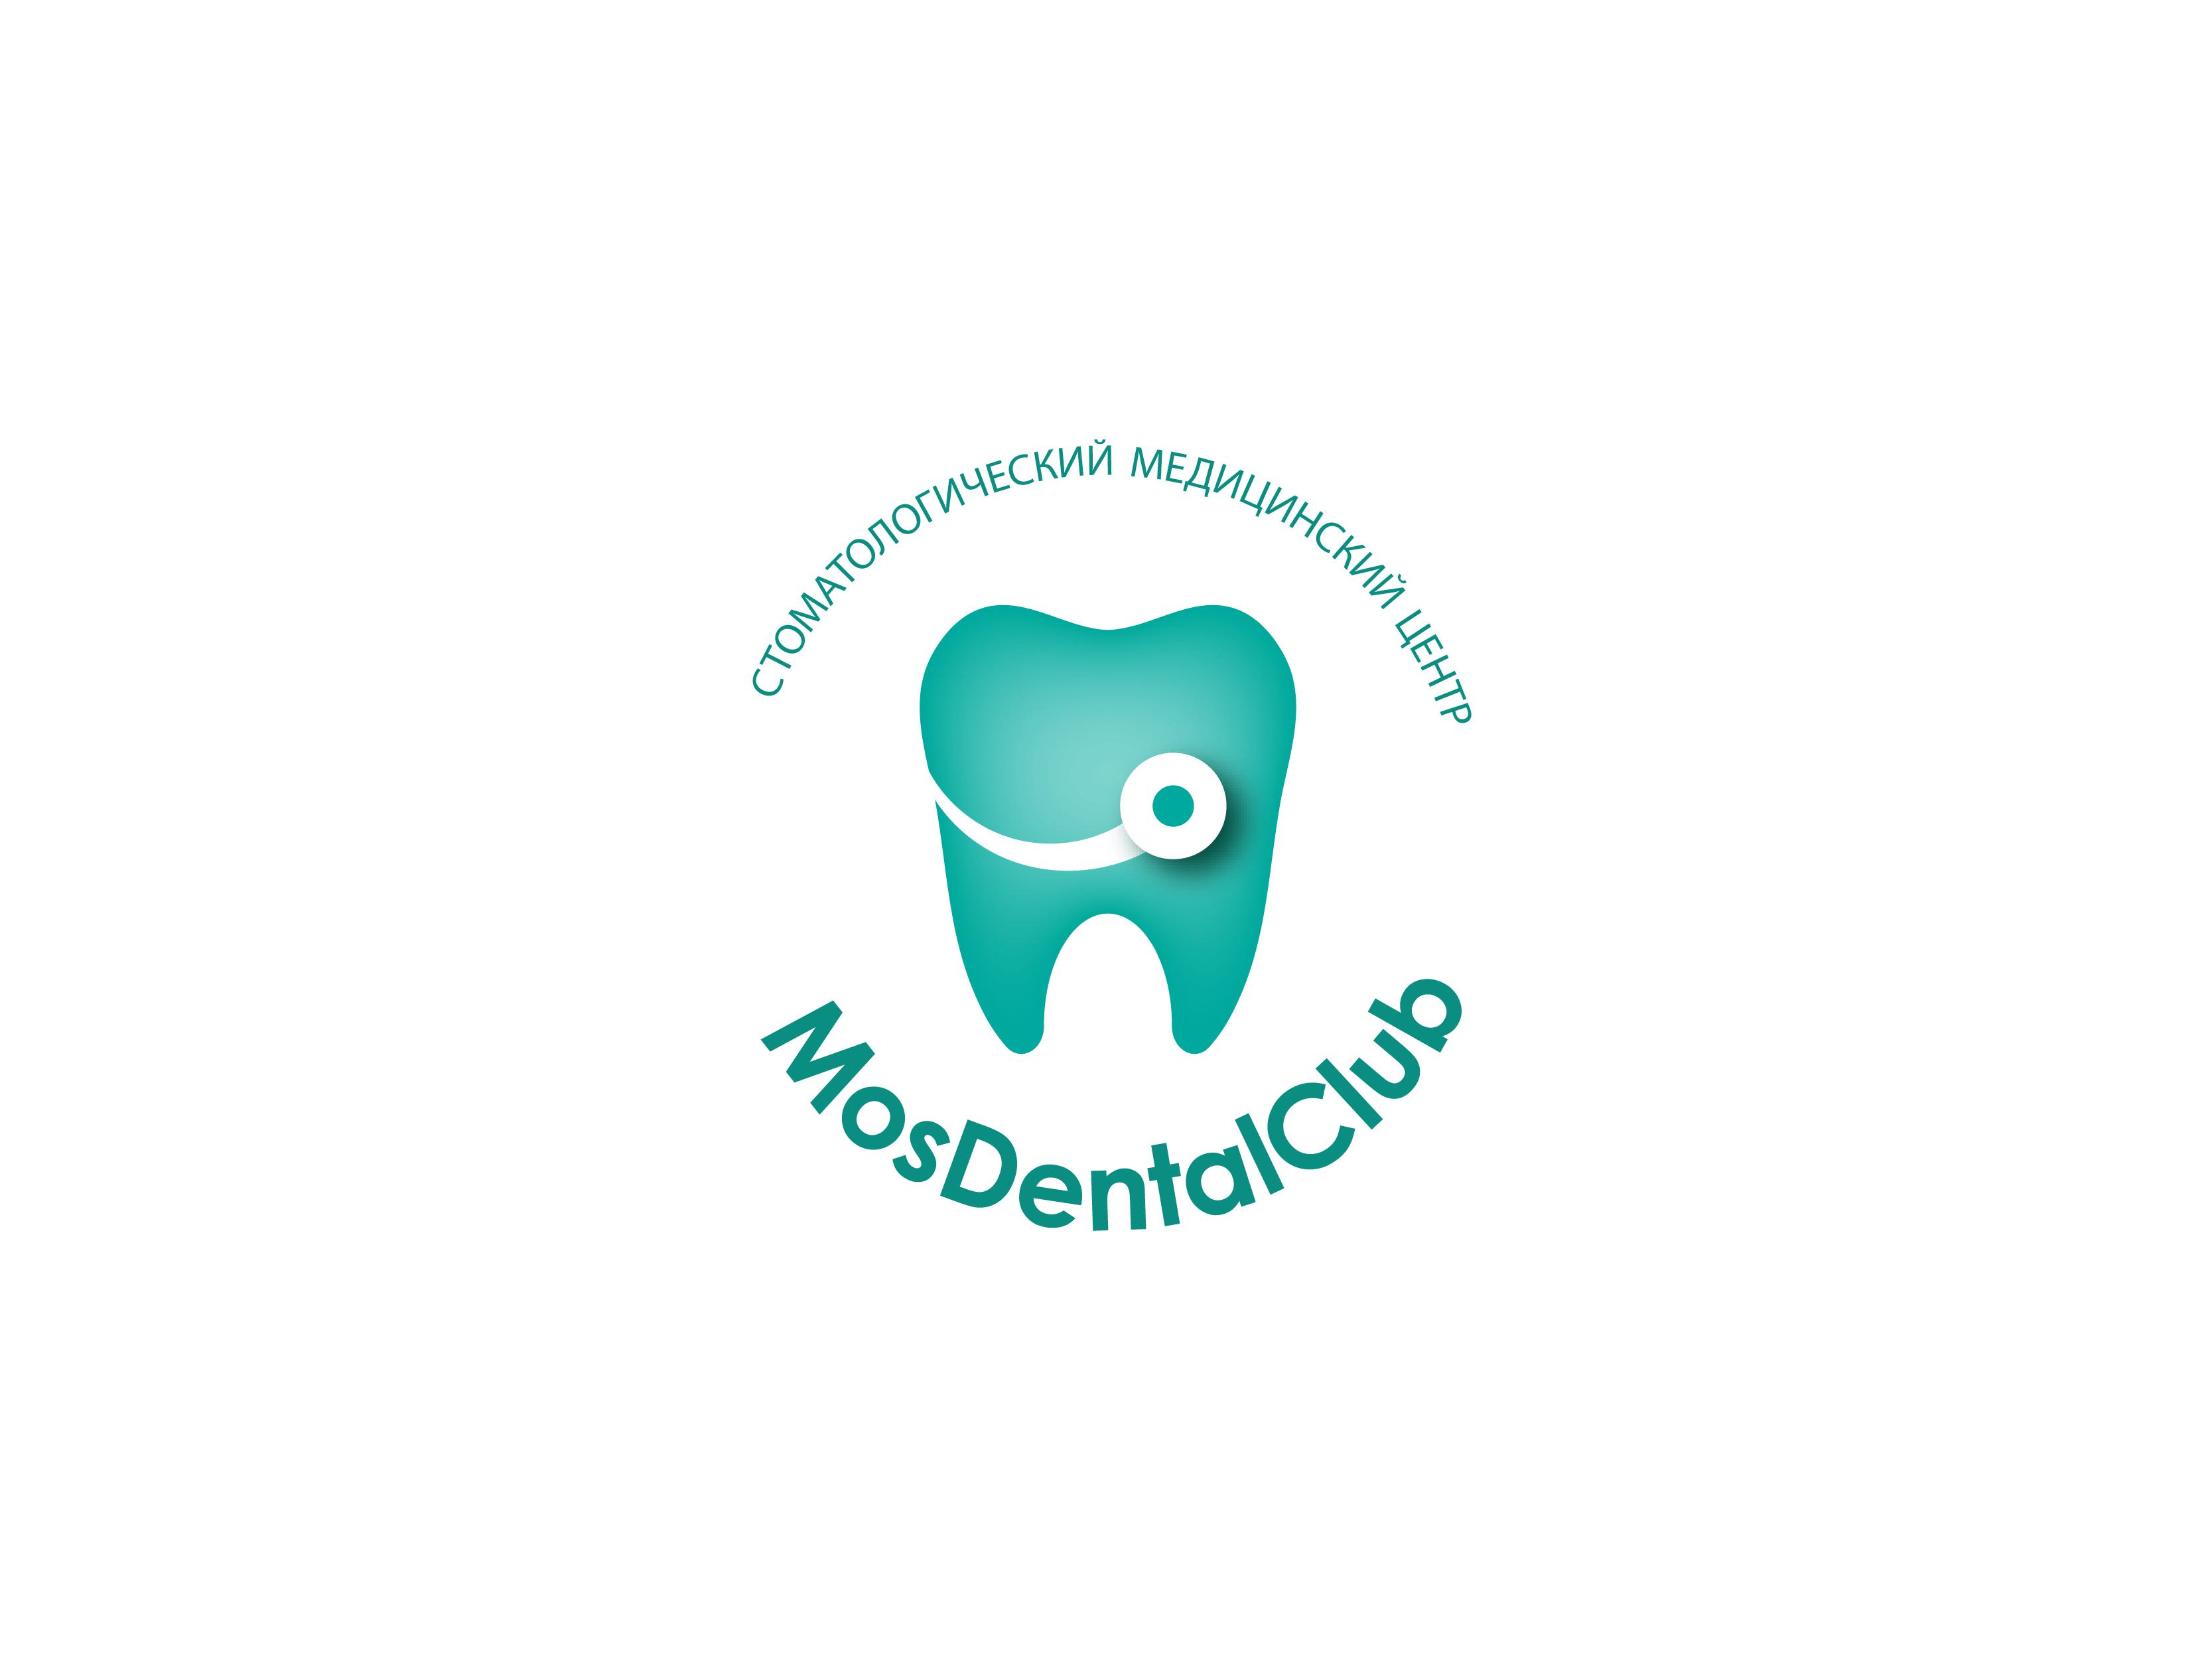 Разработка логотипа стоматологического медицинского центра фото f_8675e45315a60b9a.png